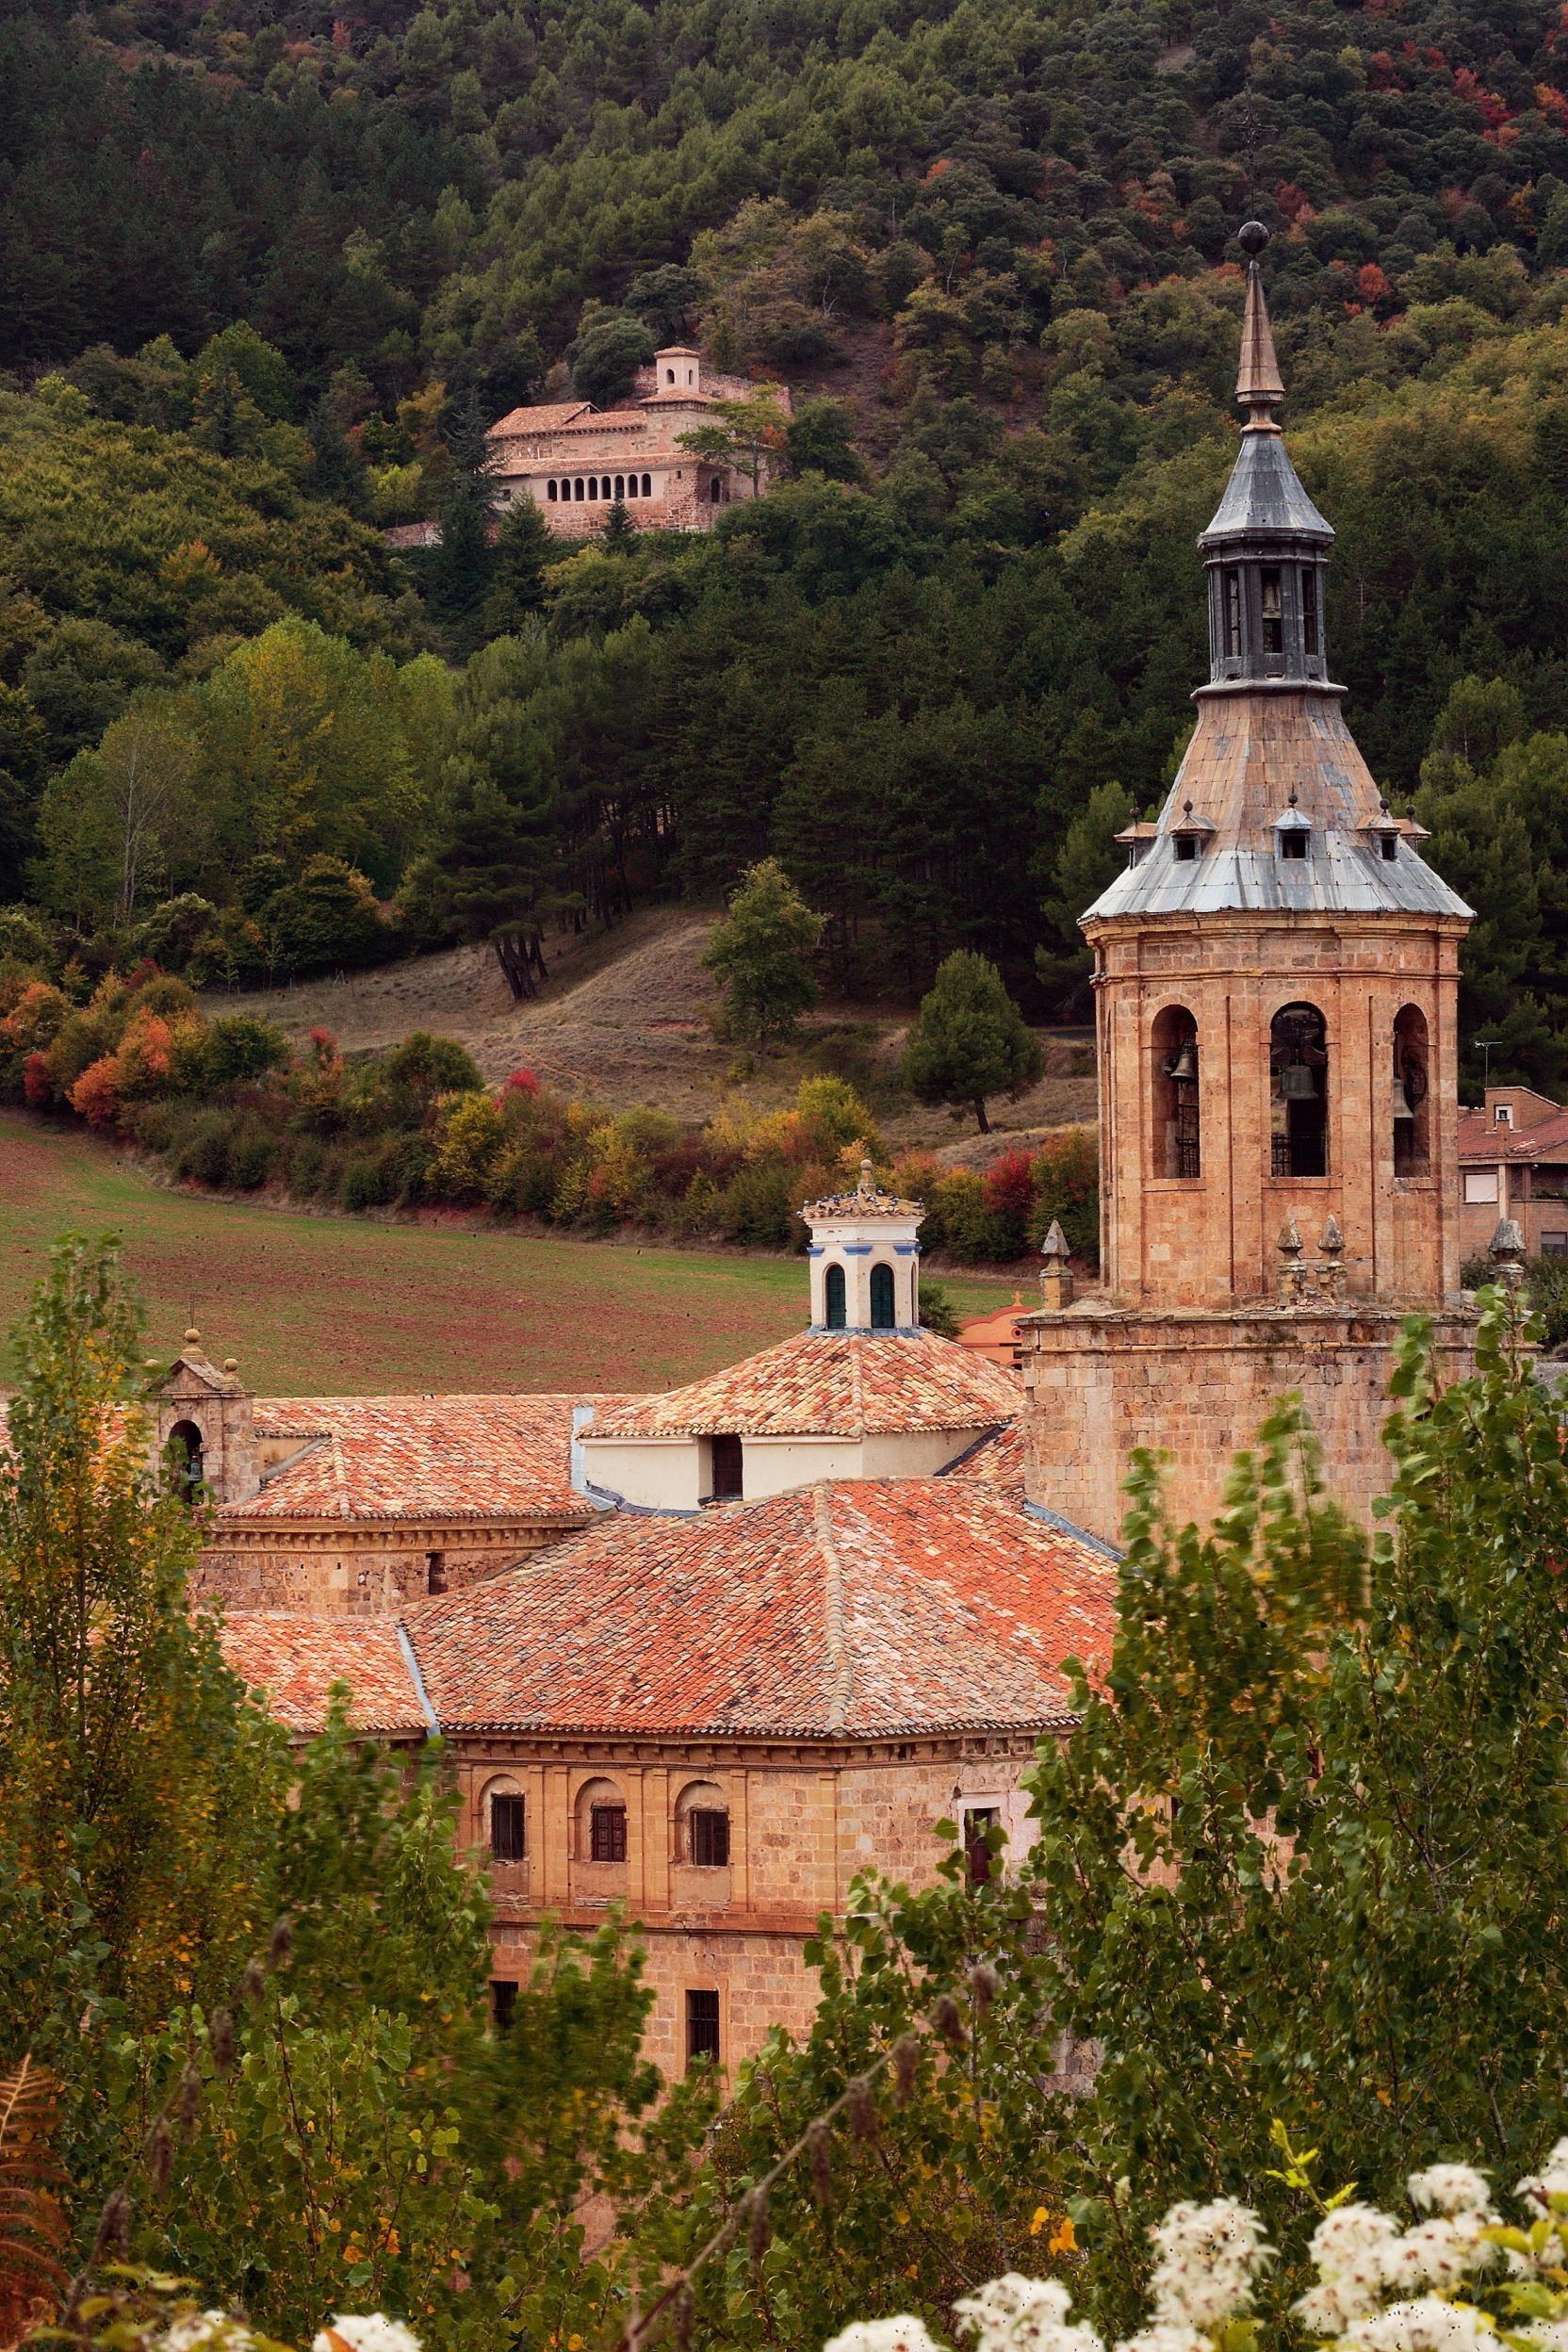 Monasterio De Yuso Y Suso Fotógrafo Luis Carré Icex Lugares Maravillosos Spain Ciudades Españolas